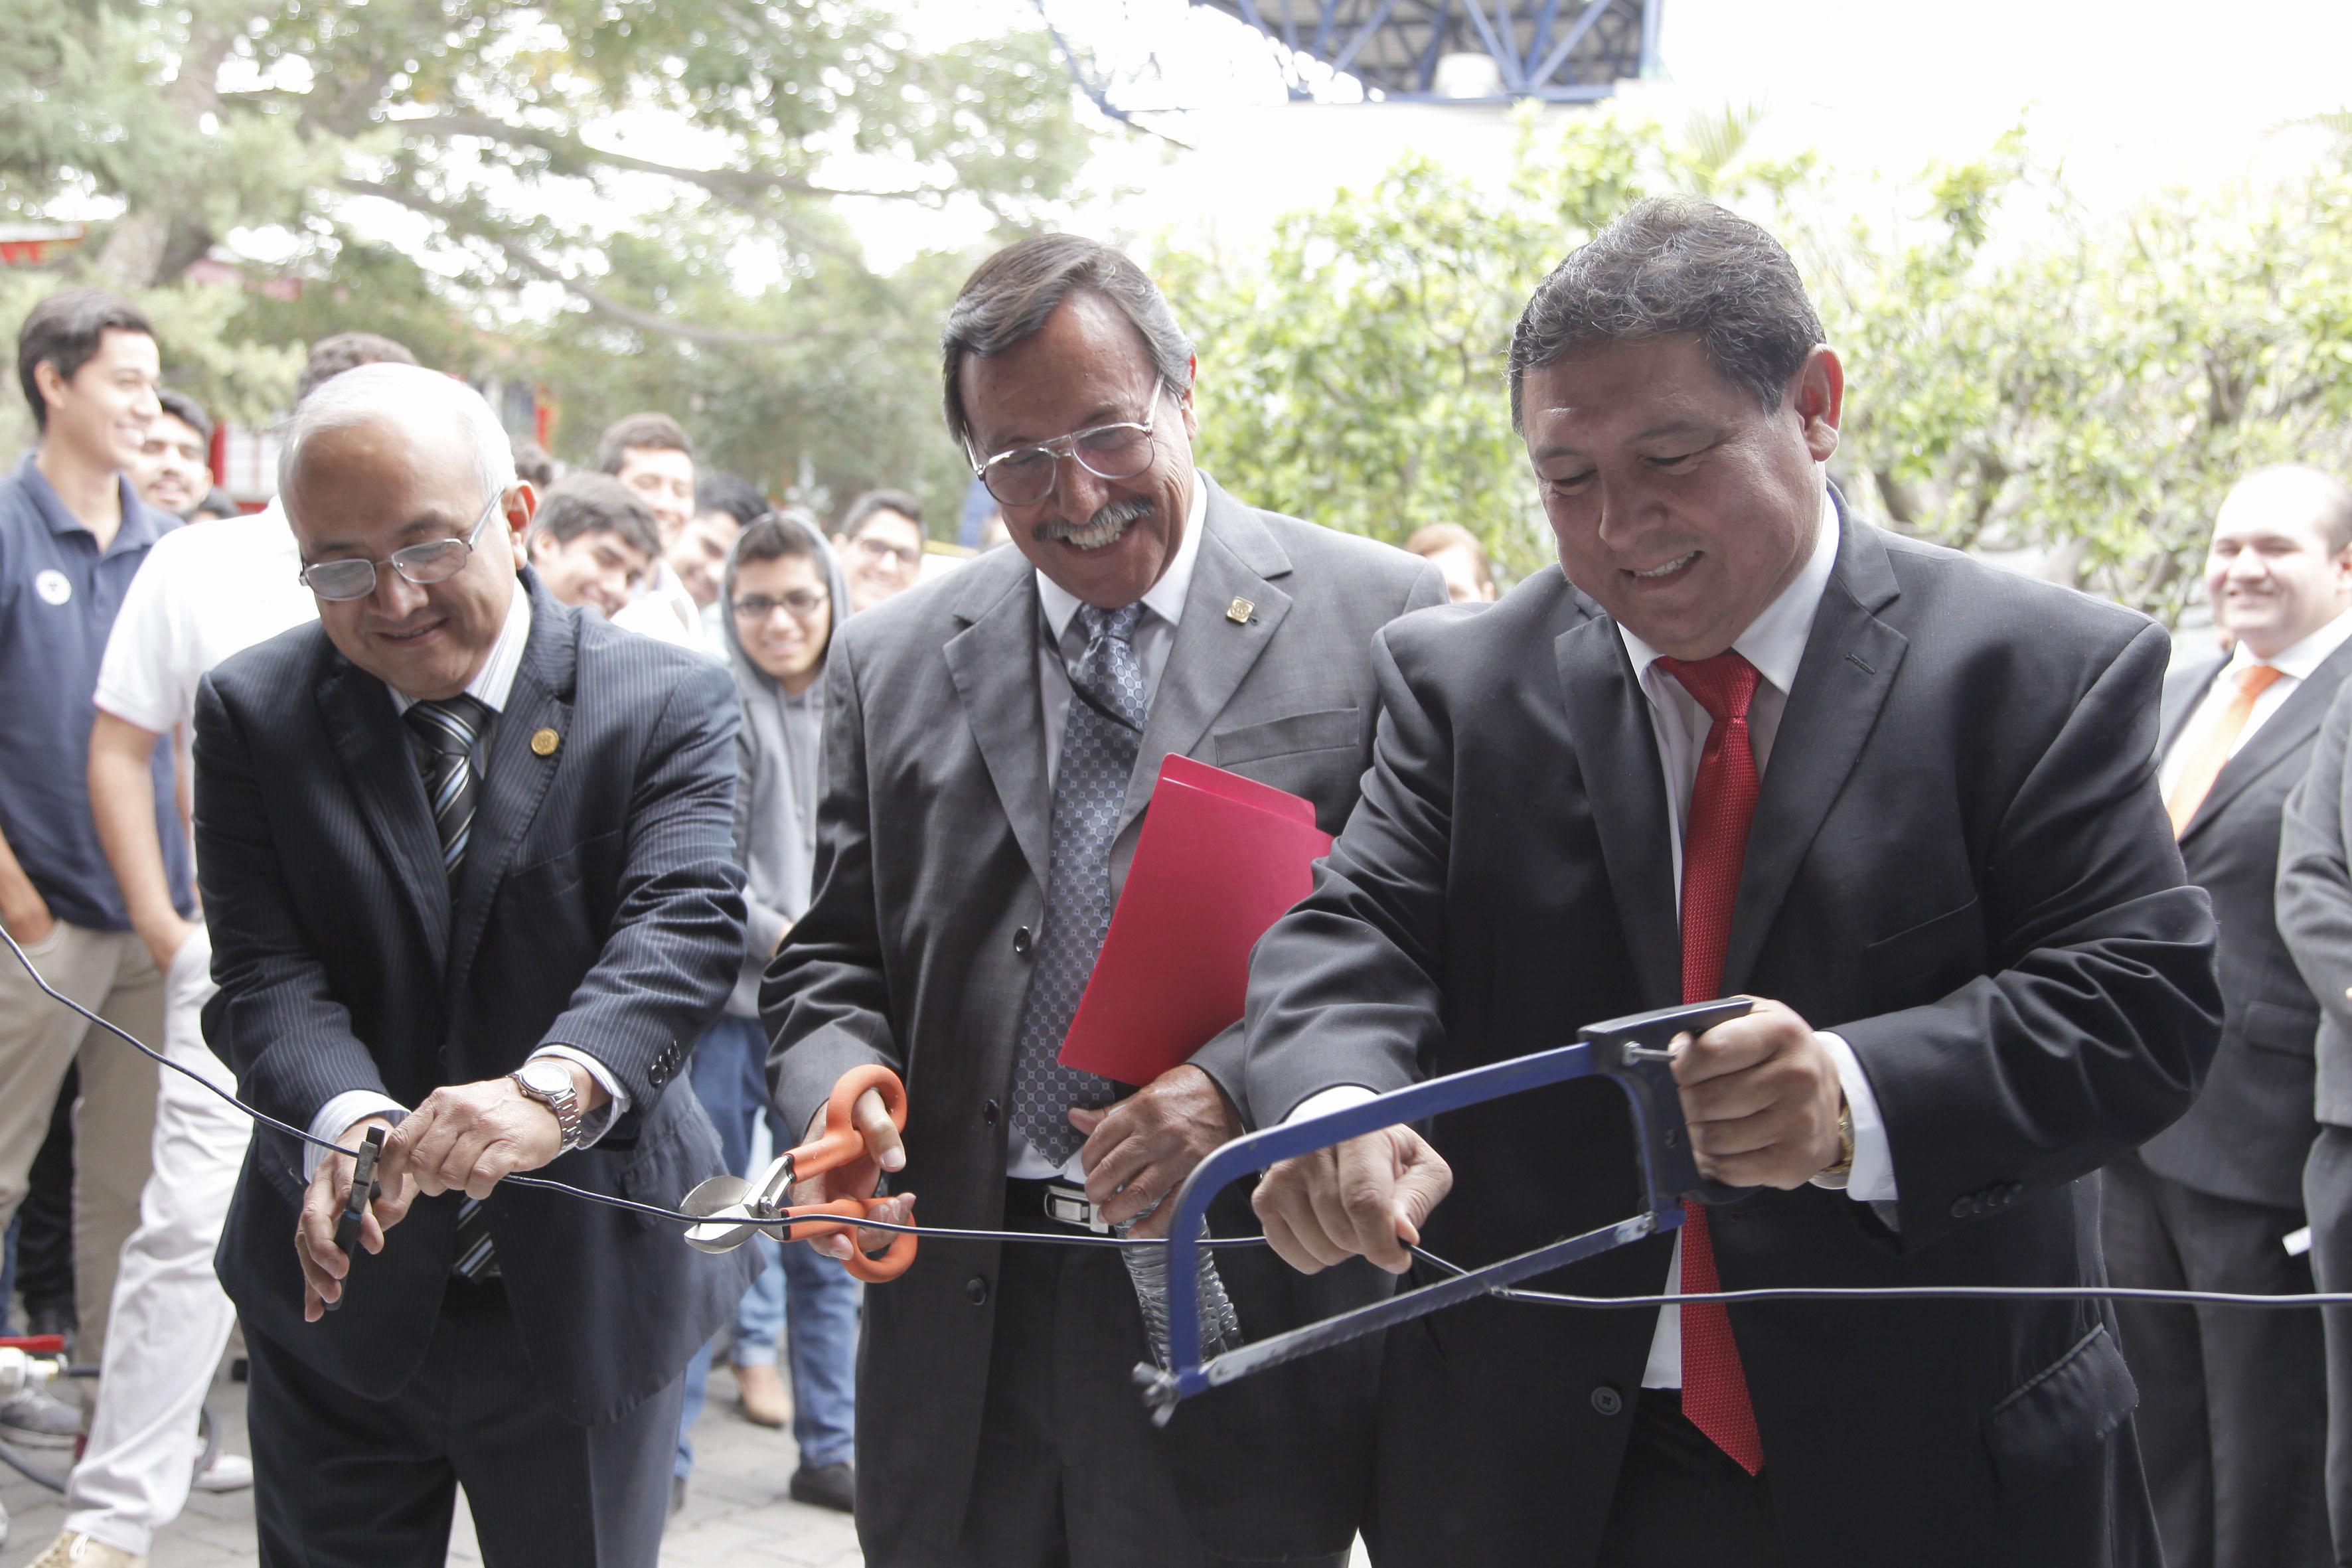 Miembros del presídium, cortando el listón de hierro con segueta, pinzas y tijeras especiales, como acto inaugural